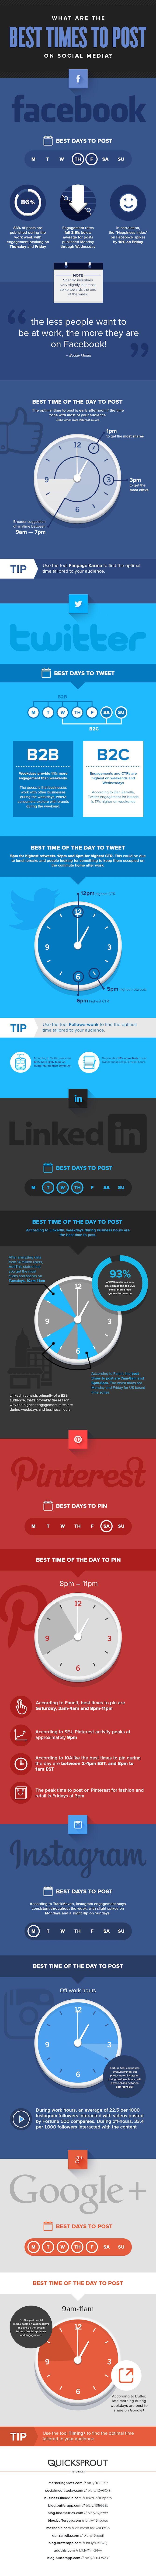 best-posting-times-social-media-compressor